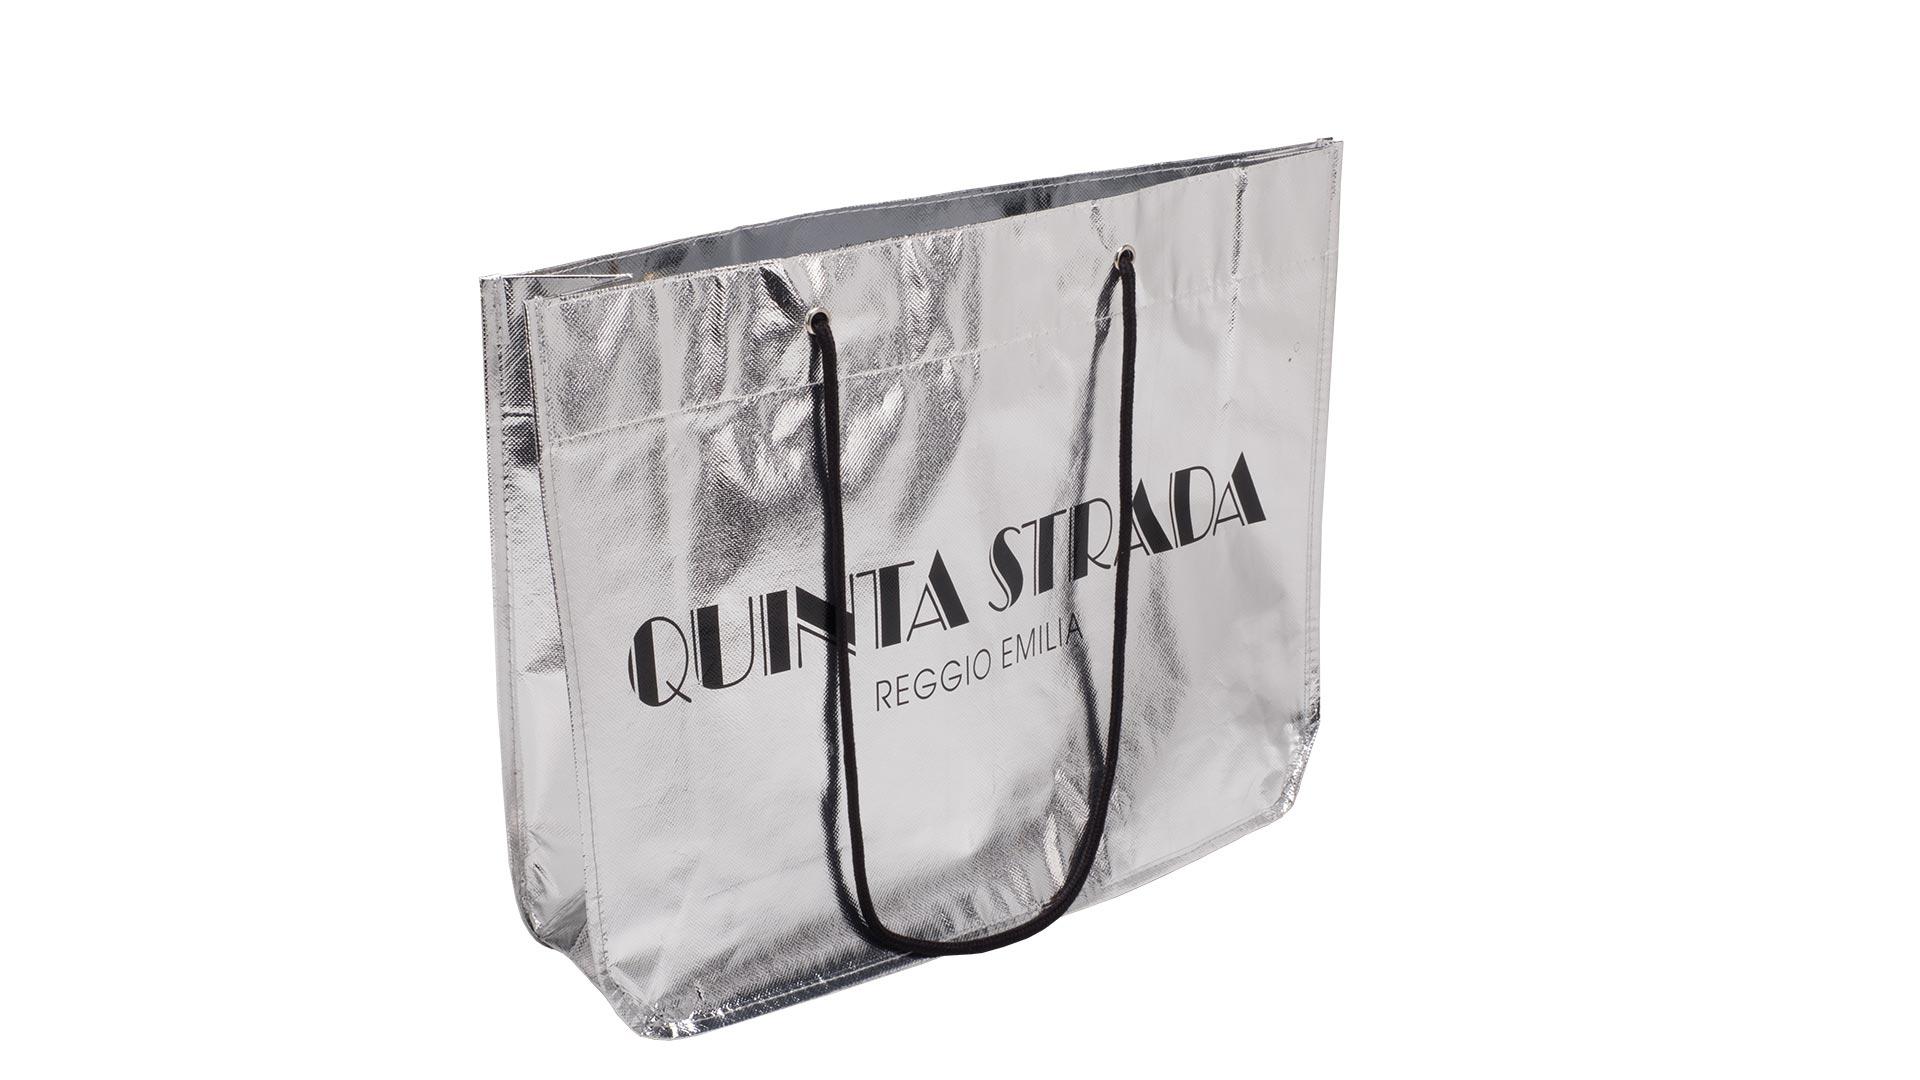 borsetta di colore argento con scritta nera